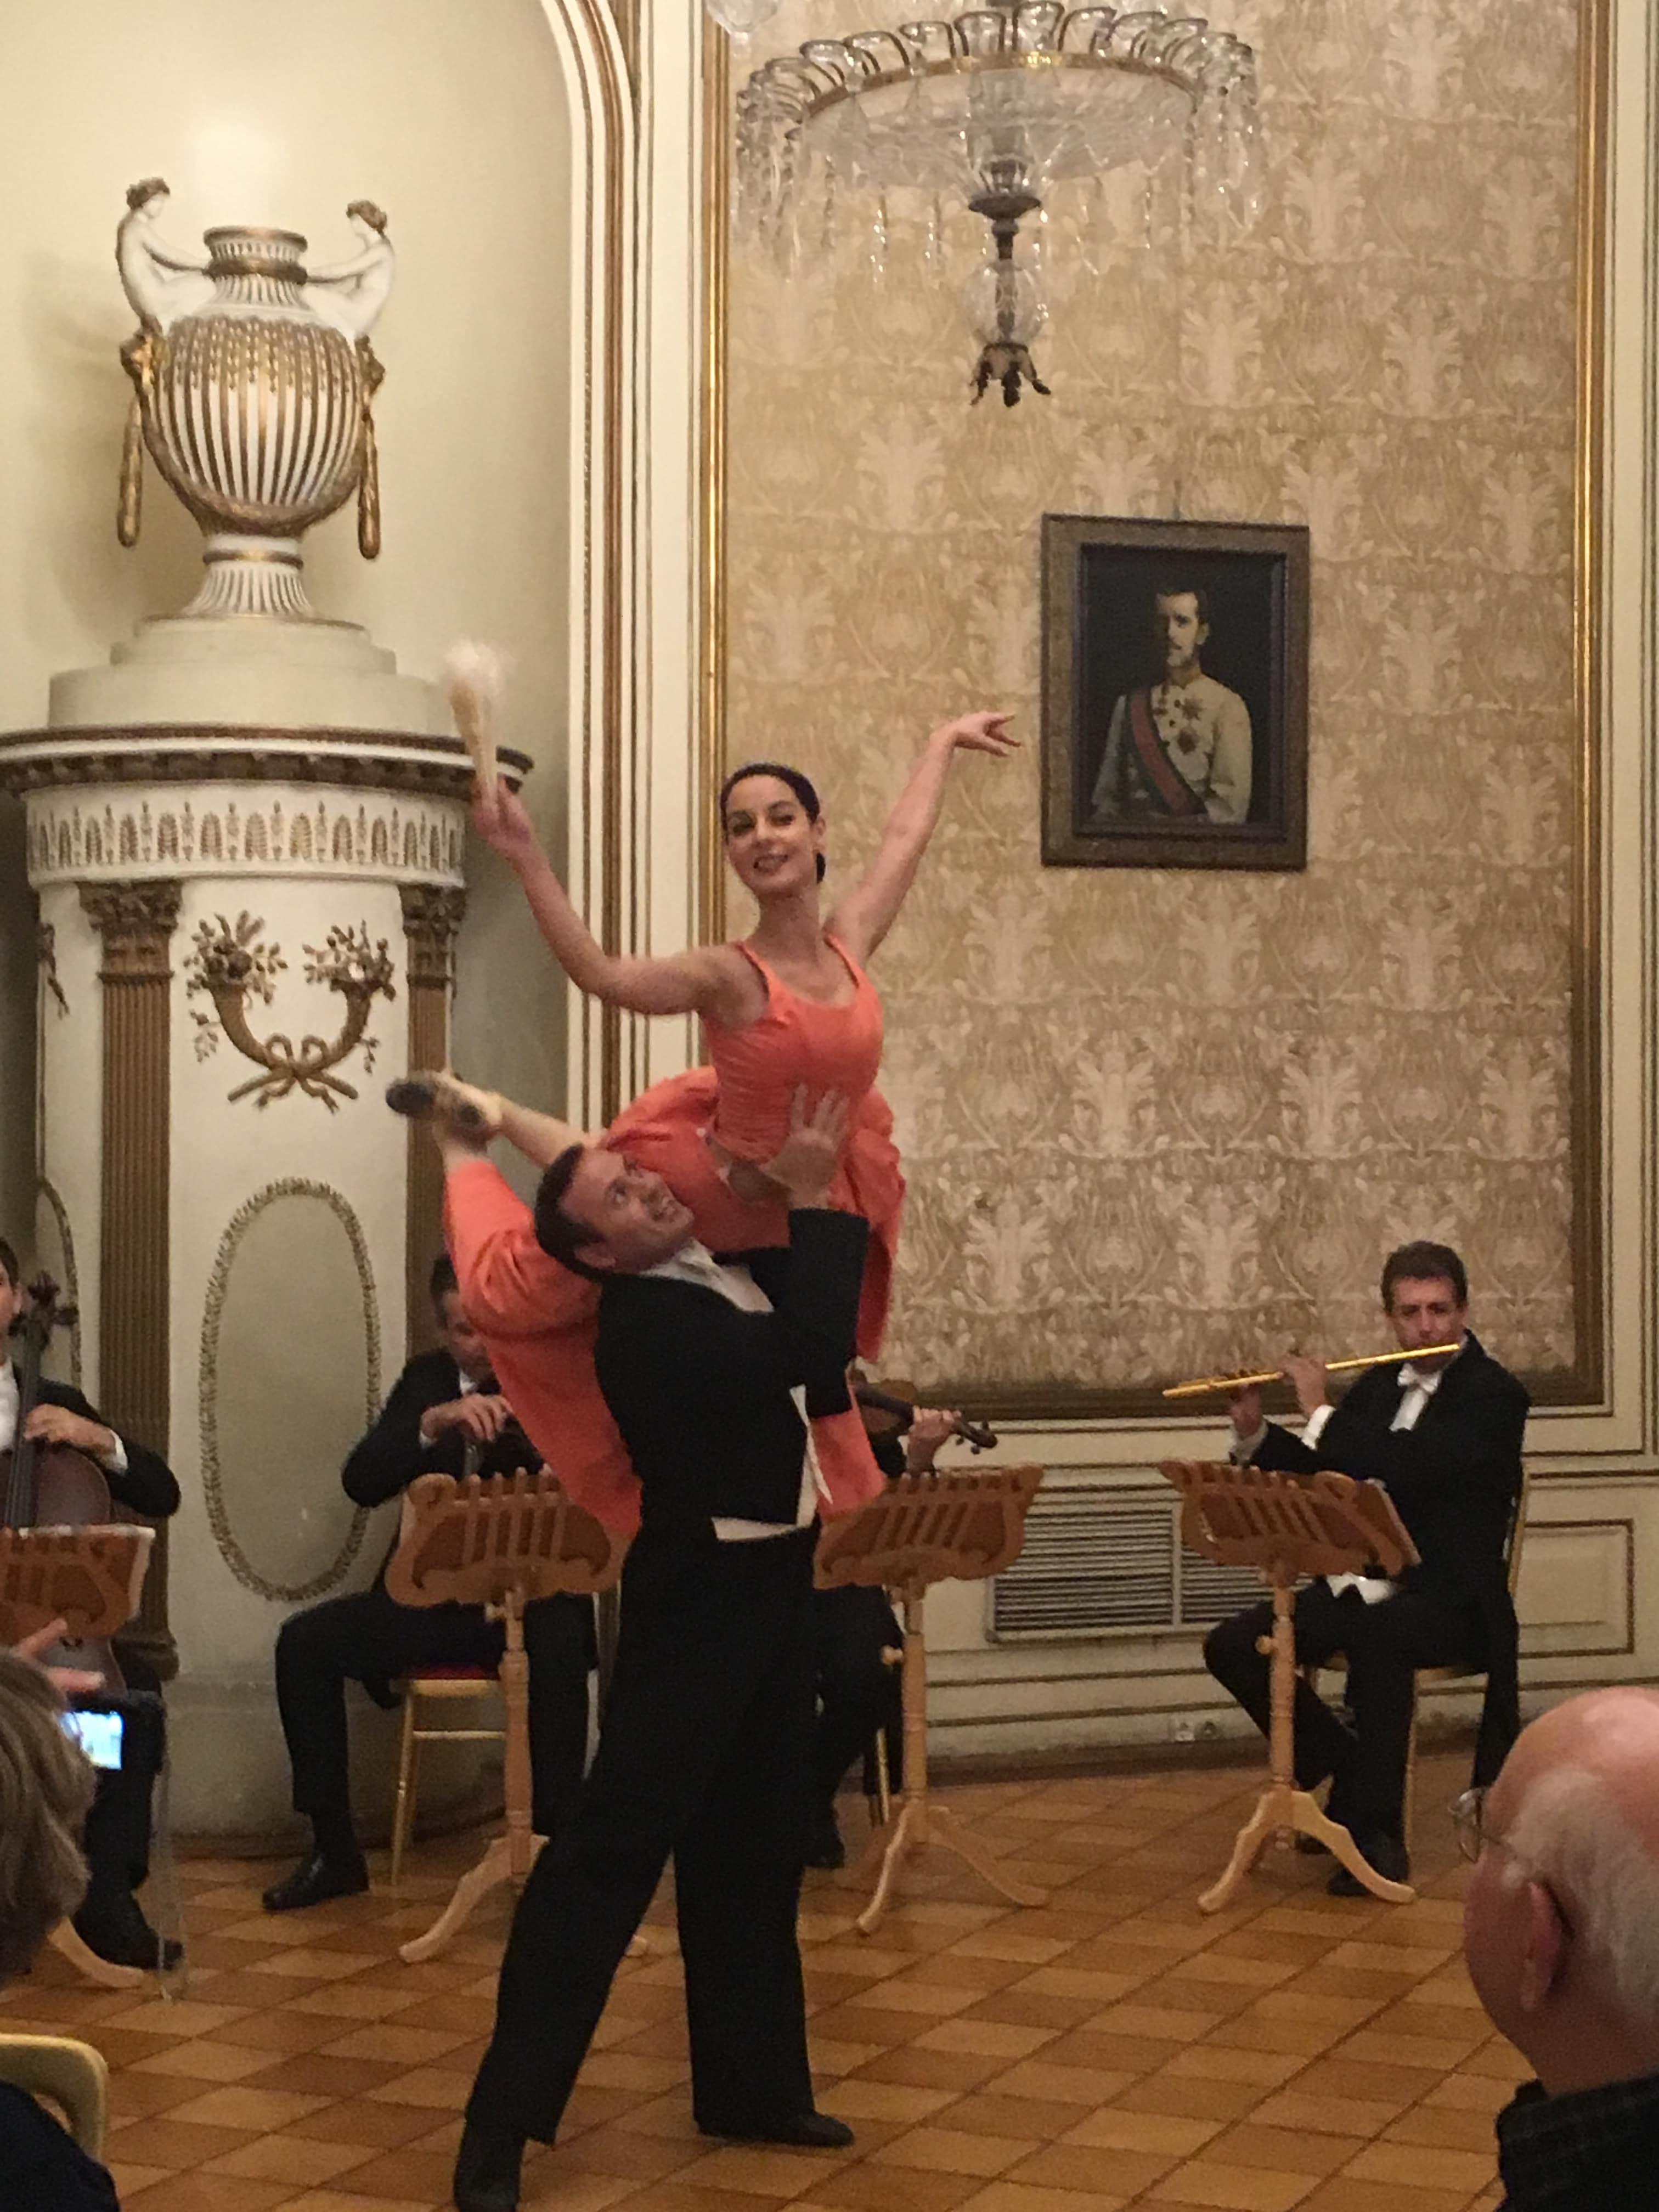 Exklusive Konzerte - Kronprinz Rudolf Saal Palais Auersperg - Wiener Residenzorchester